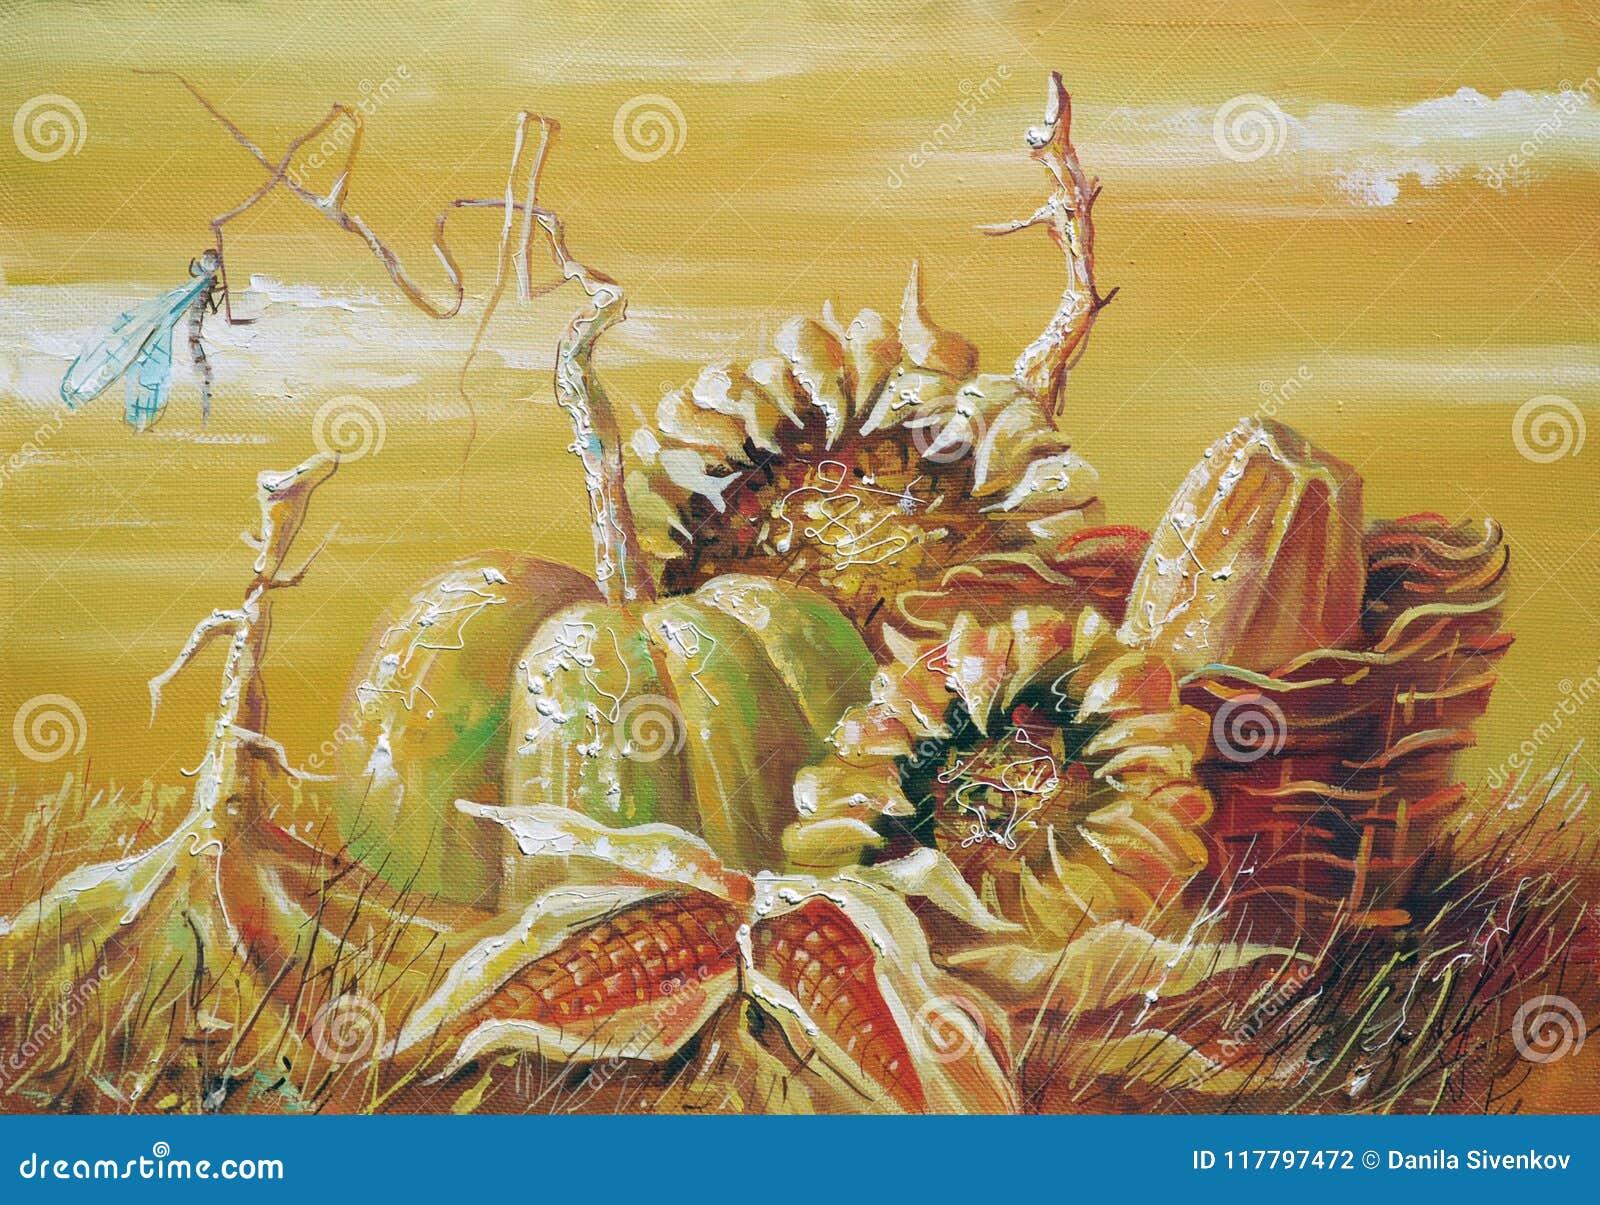 Artwork Ainda vida 1 Água viva Autor: Nikolay Sivenkov